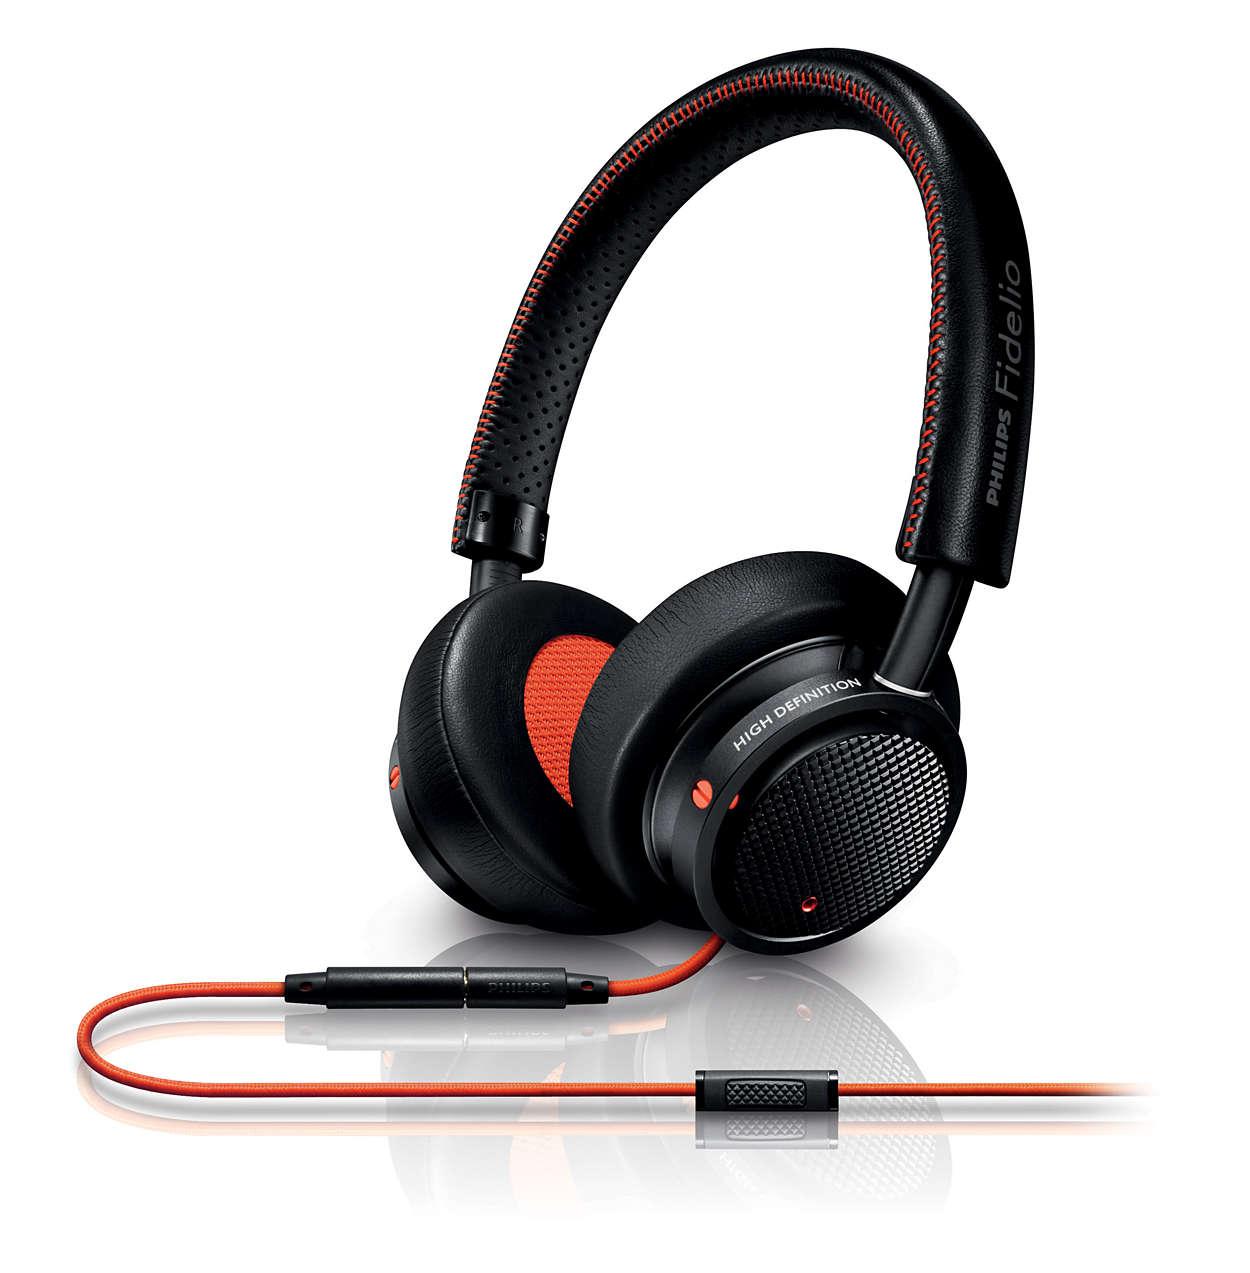 HiFi-Sound, sorgfältige Herstellung